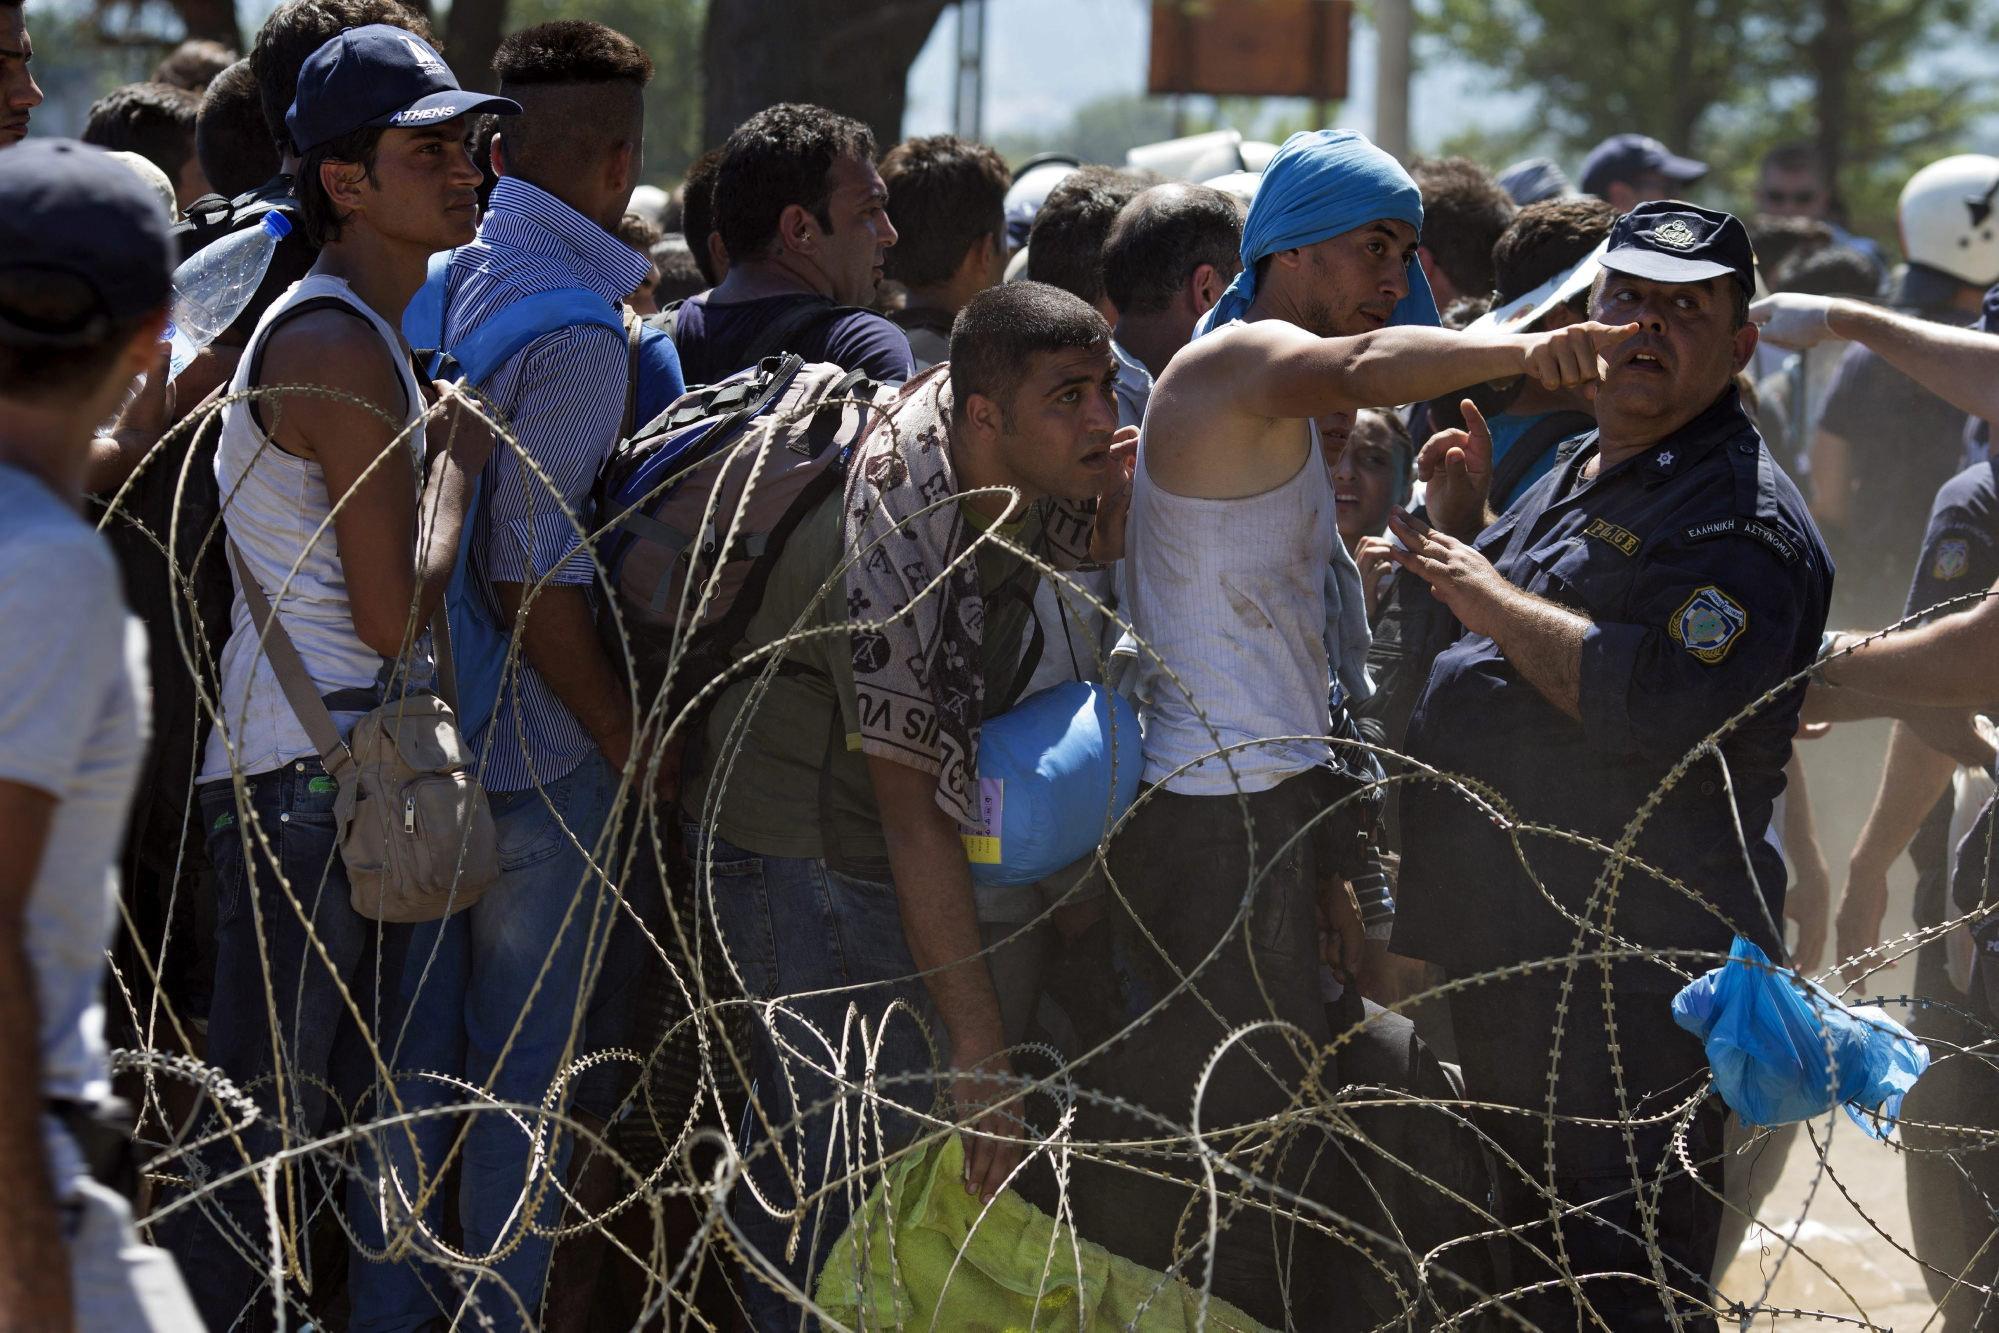 2015-09-02-1441218460-6745555-hombresrefugiados.jpg